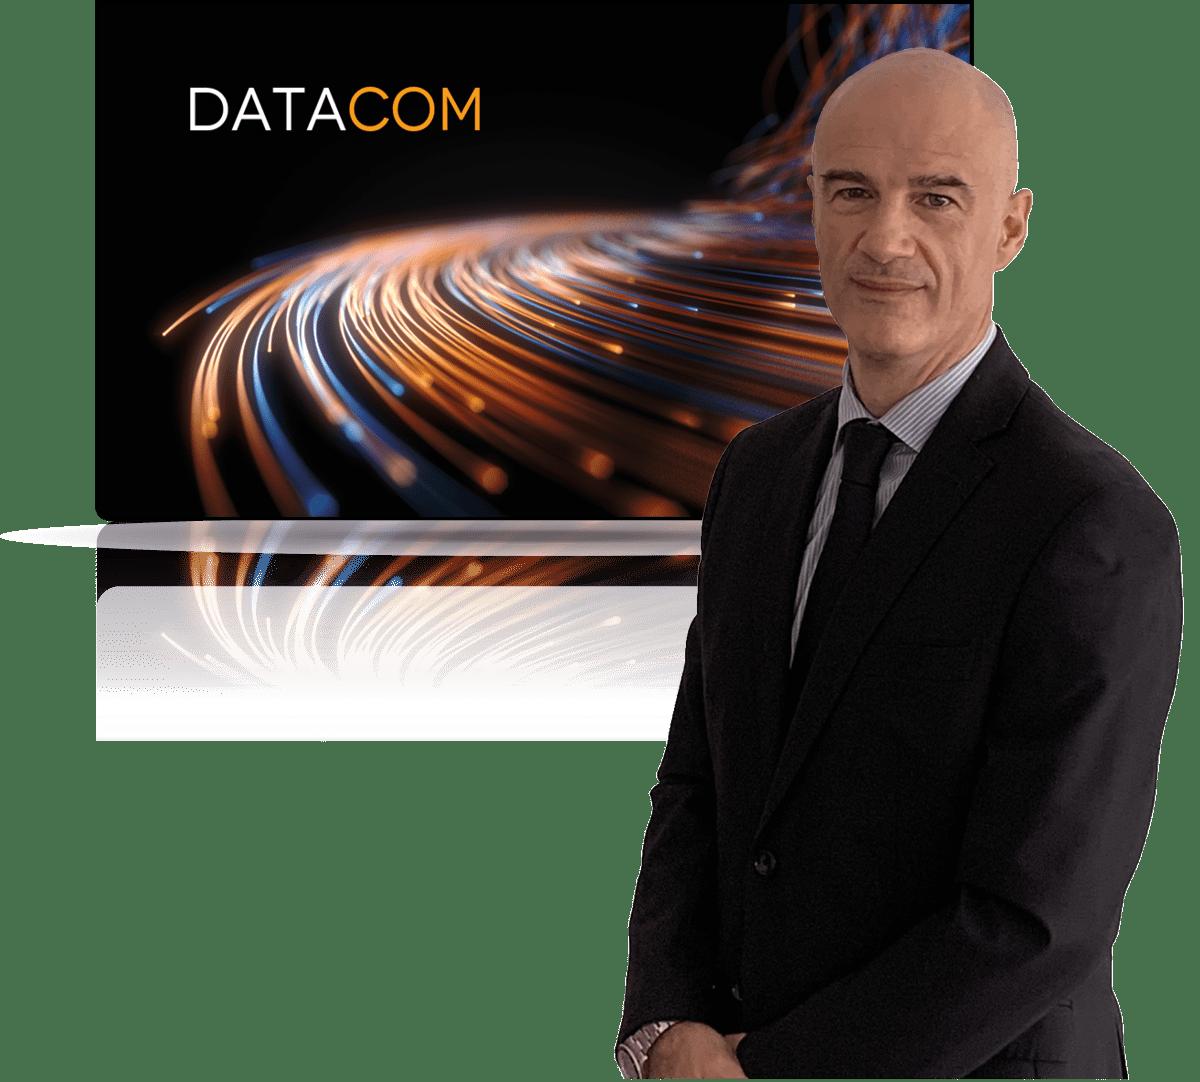 Televés launches DATACOM